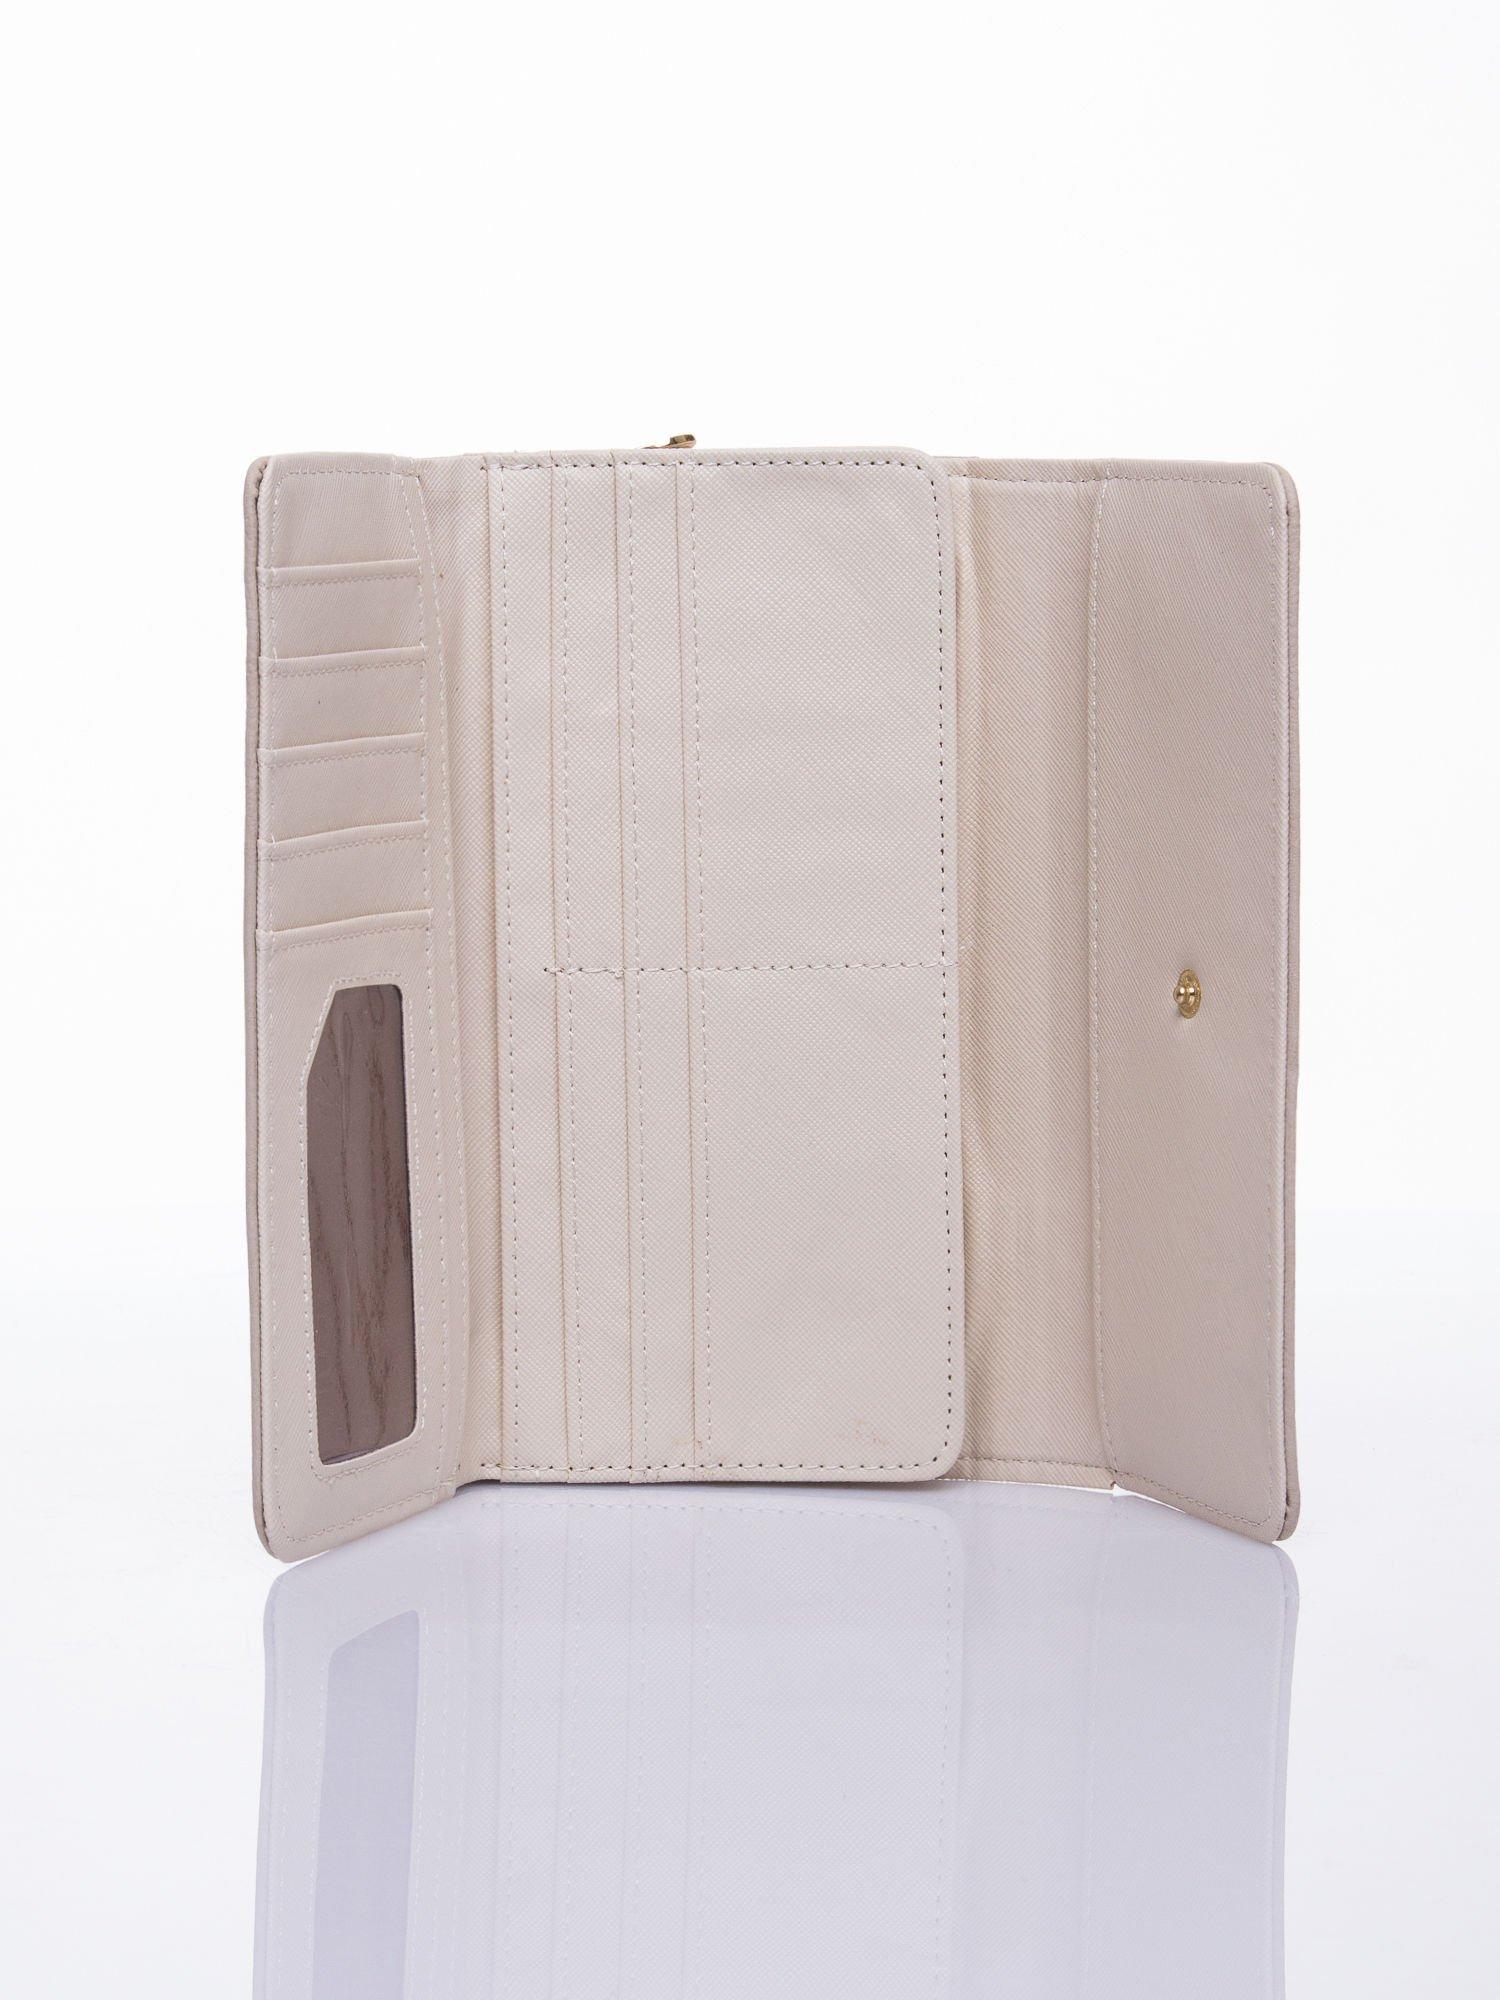 Beżowy ażurowany portfel ze złotym suwakiem                                  zdj.                                  3